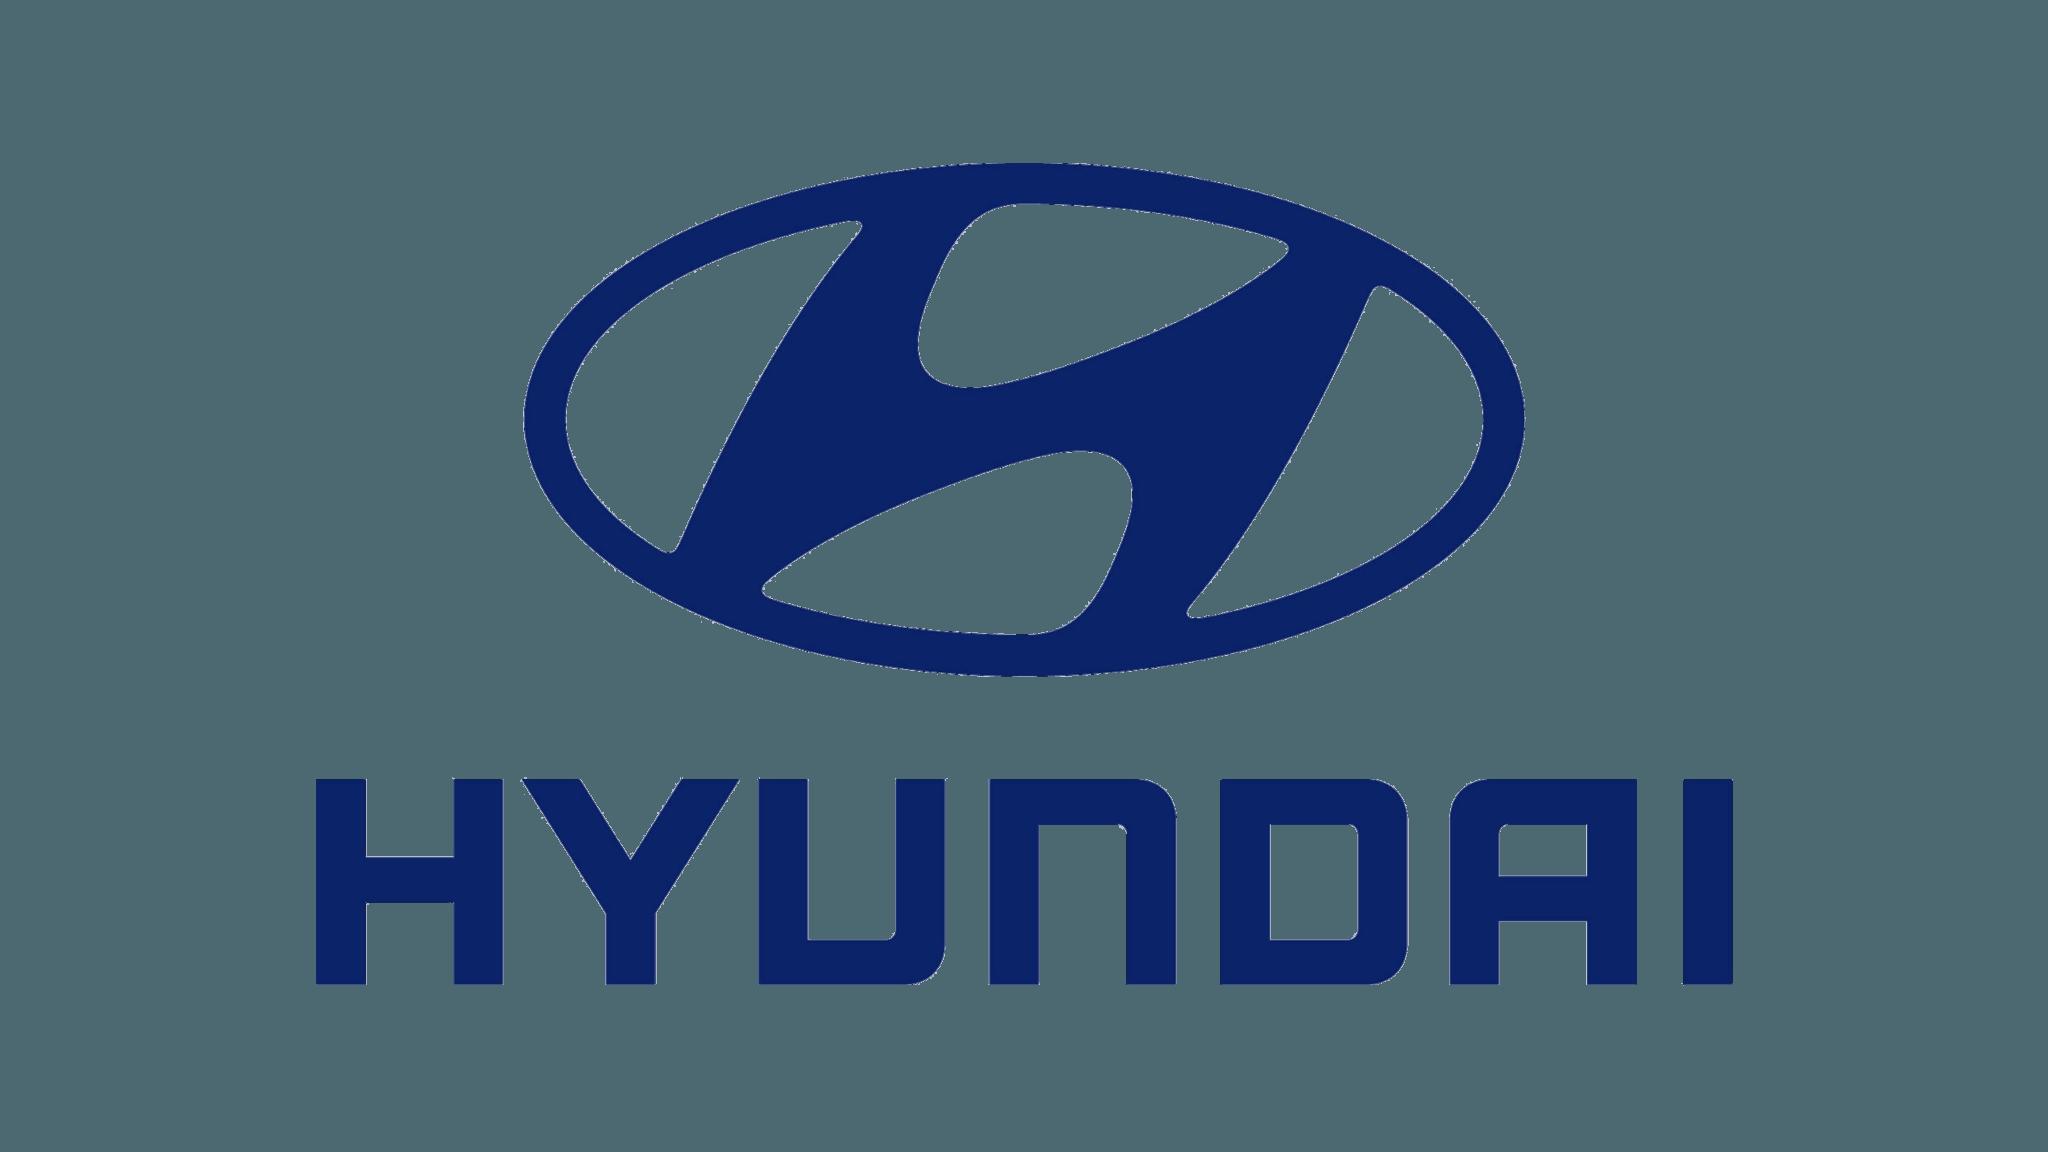 Testy kvality servisu Hyundai